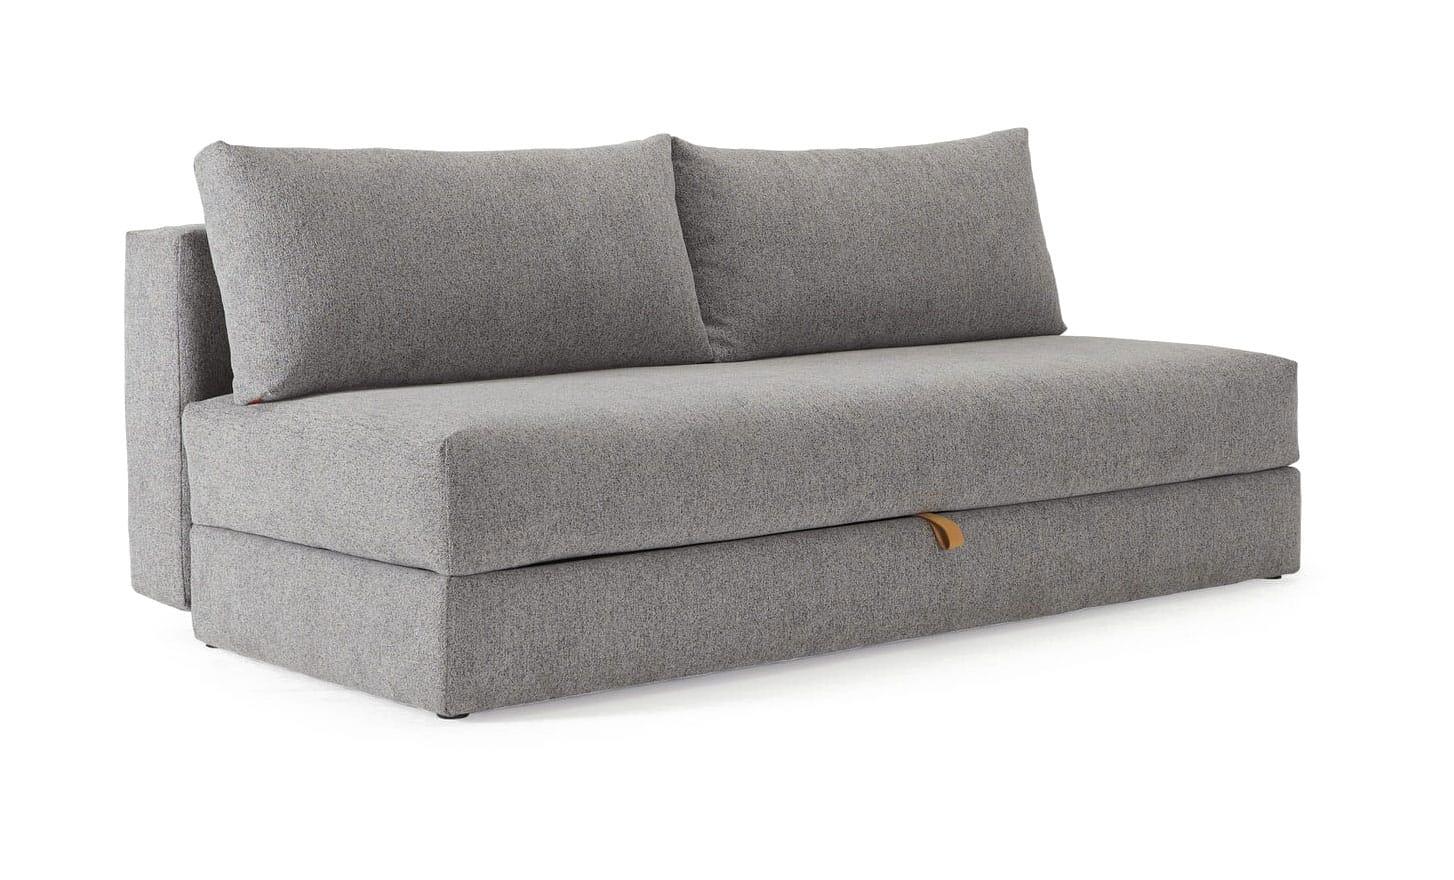 Osvald Sofa Full Size Melange Light Gray By Innovation